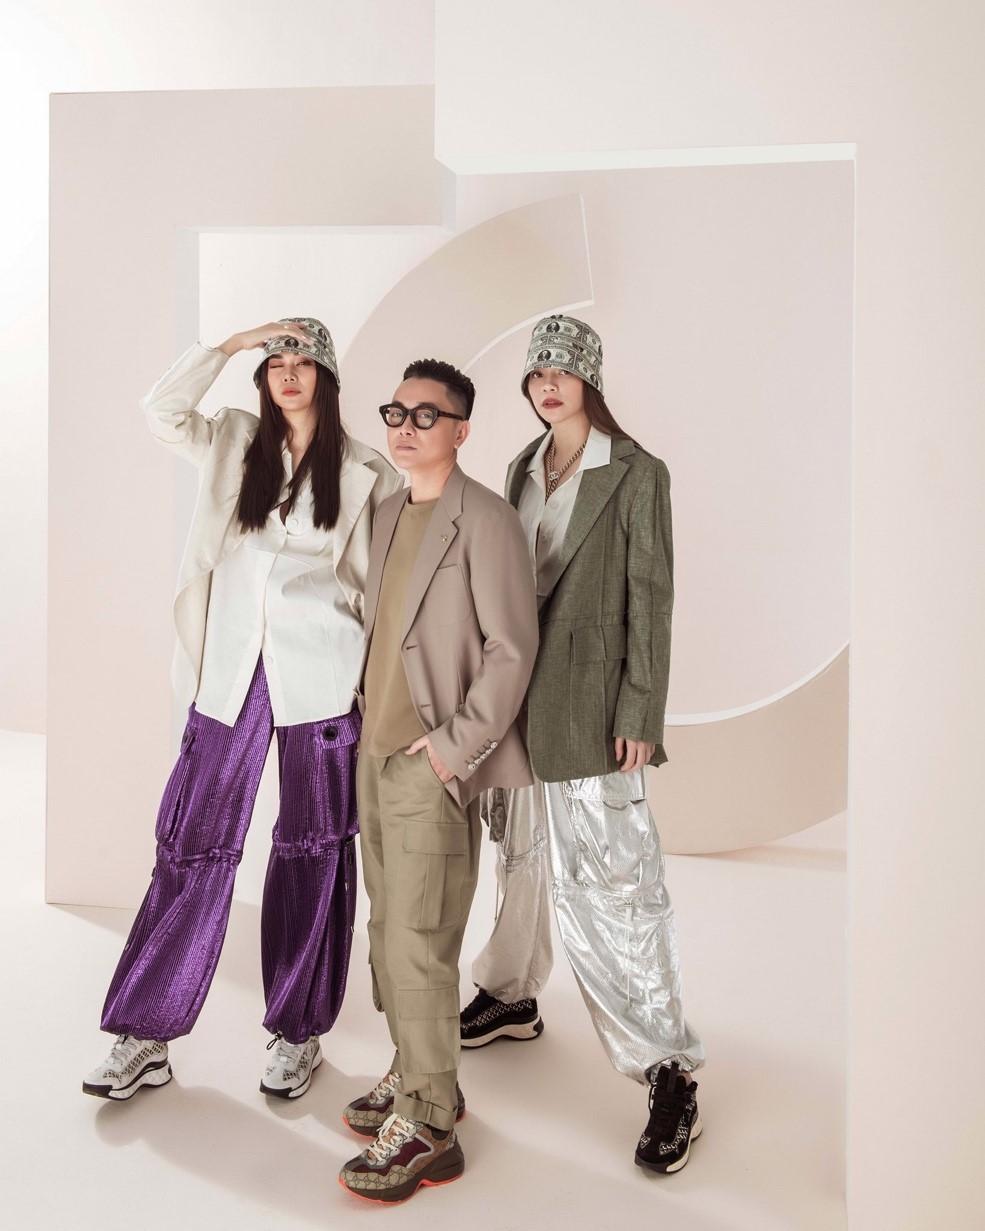 Còn trong nước, hai ngôi sao hạng A Thanh Hằng – Hà Hồ chính là 2 'nàng thơ' suốt bao năm nay của NTK Công Trí.